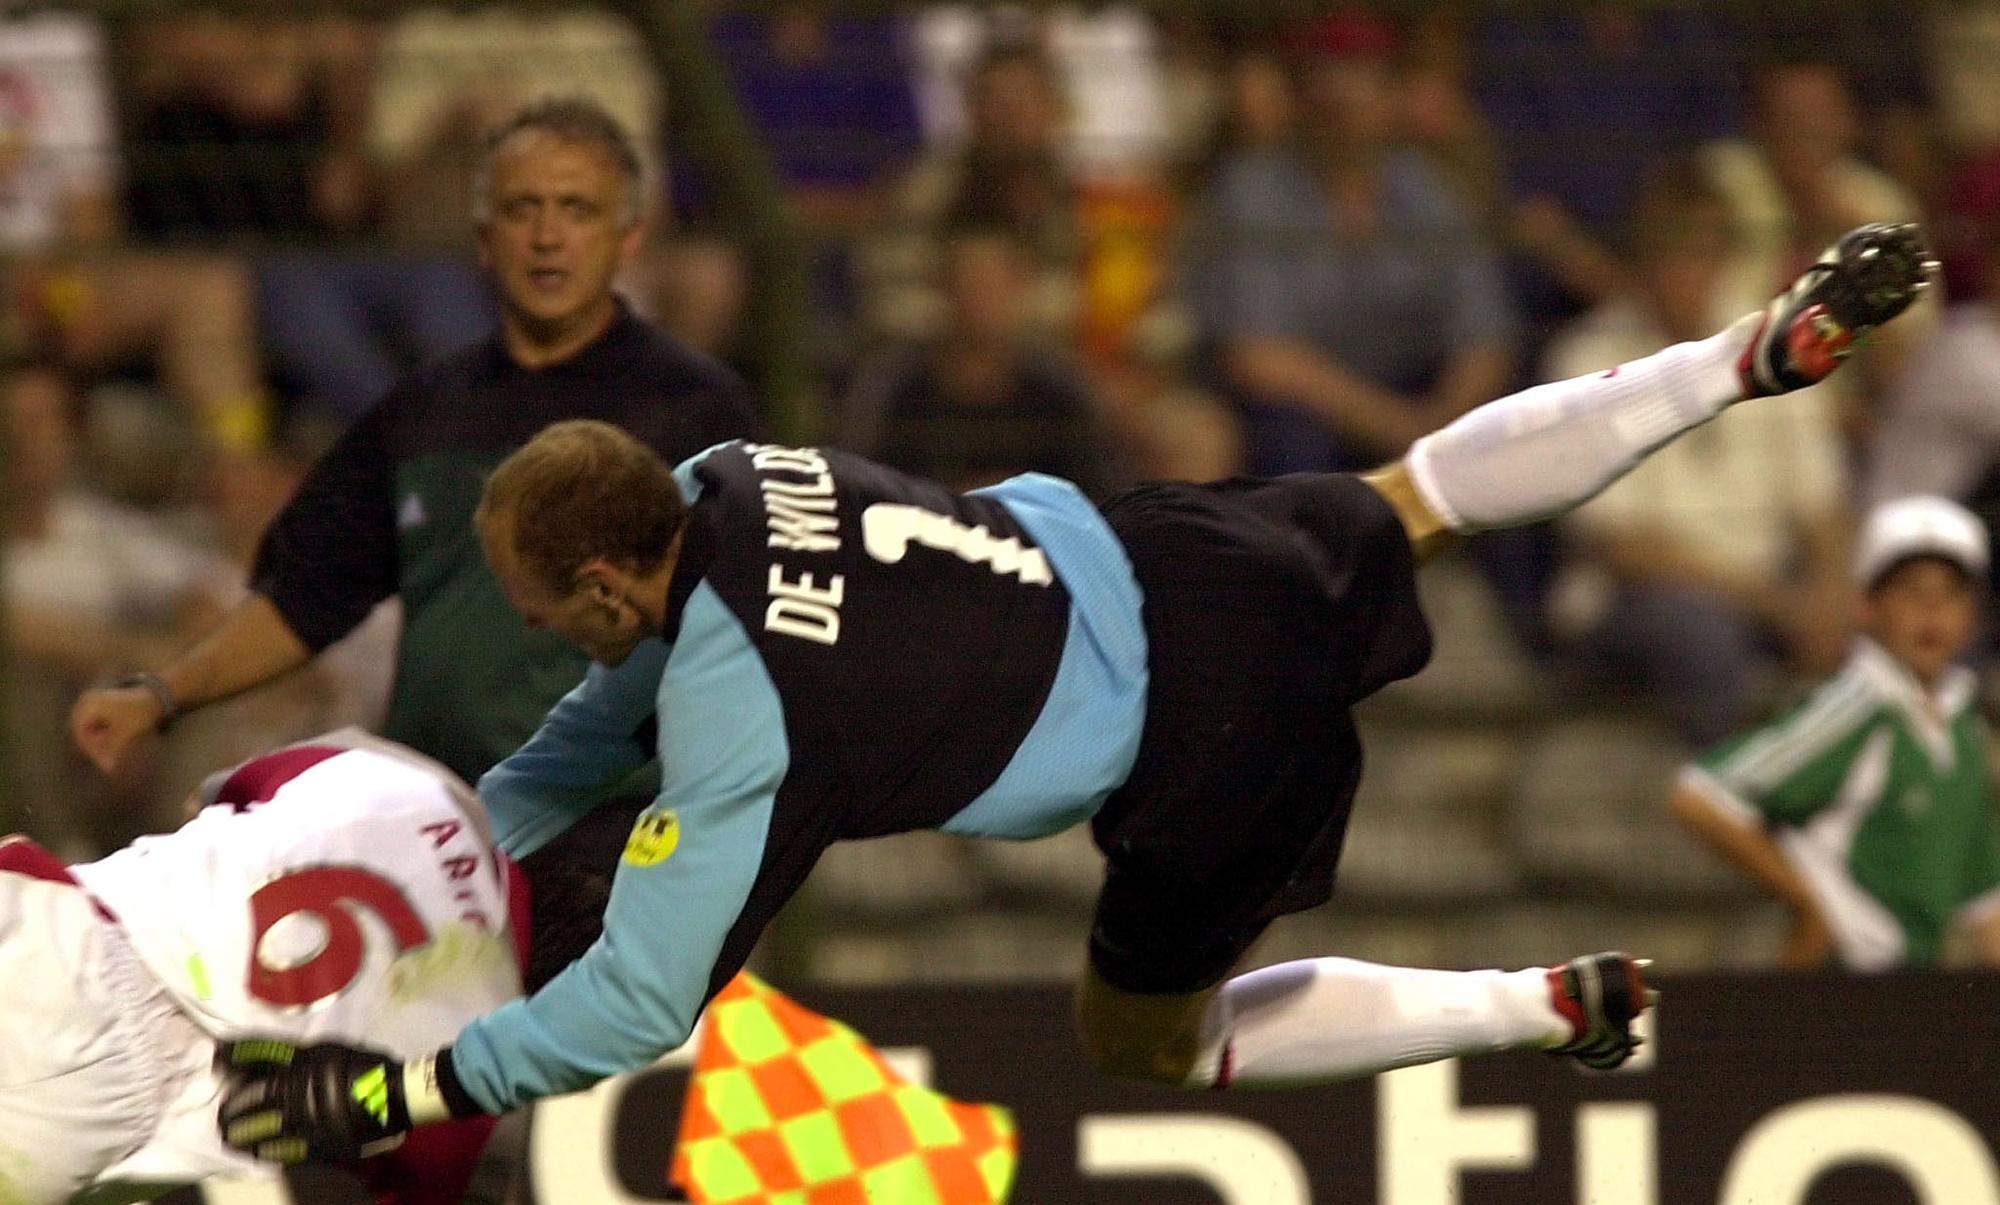 Quelques secondes avant l'atterrissage de la carrière internationale de Filip De Wilde, belga